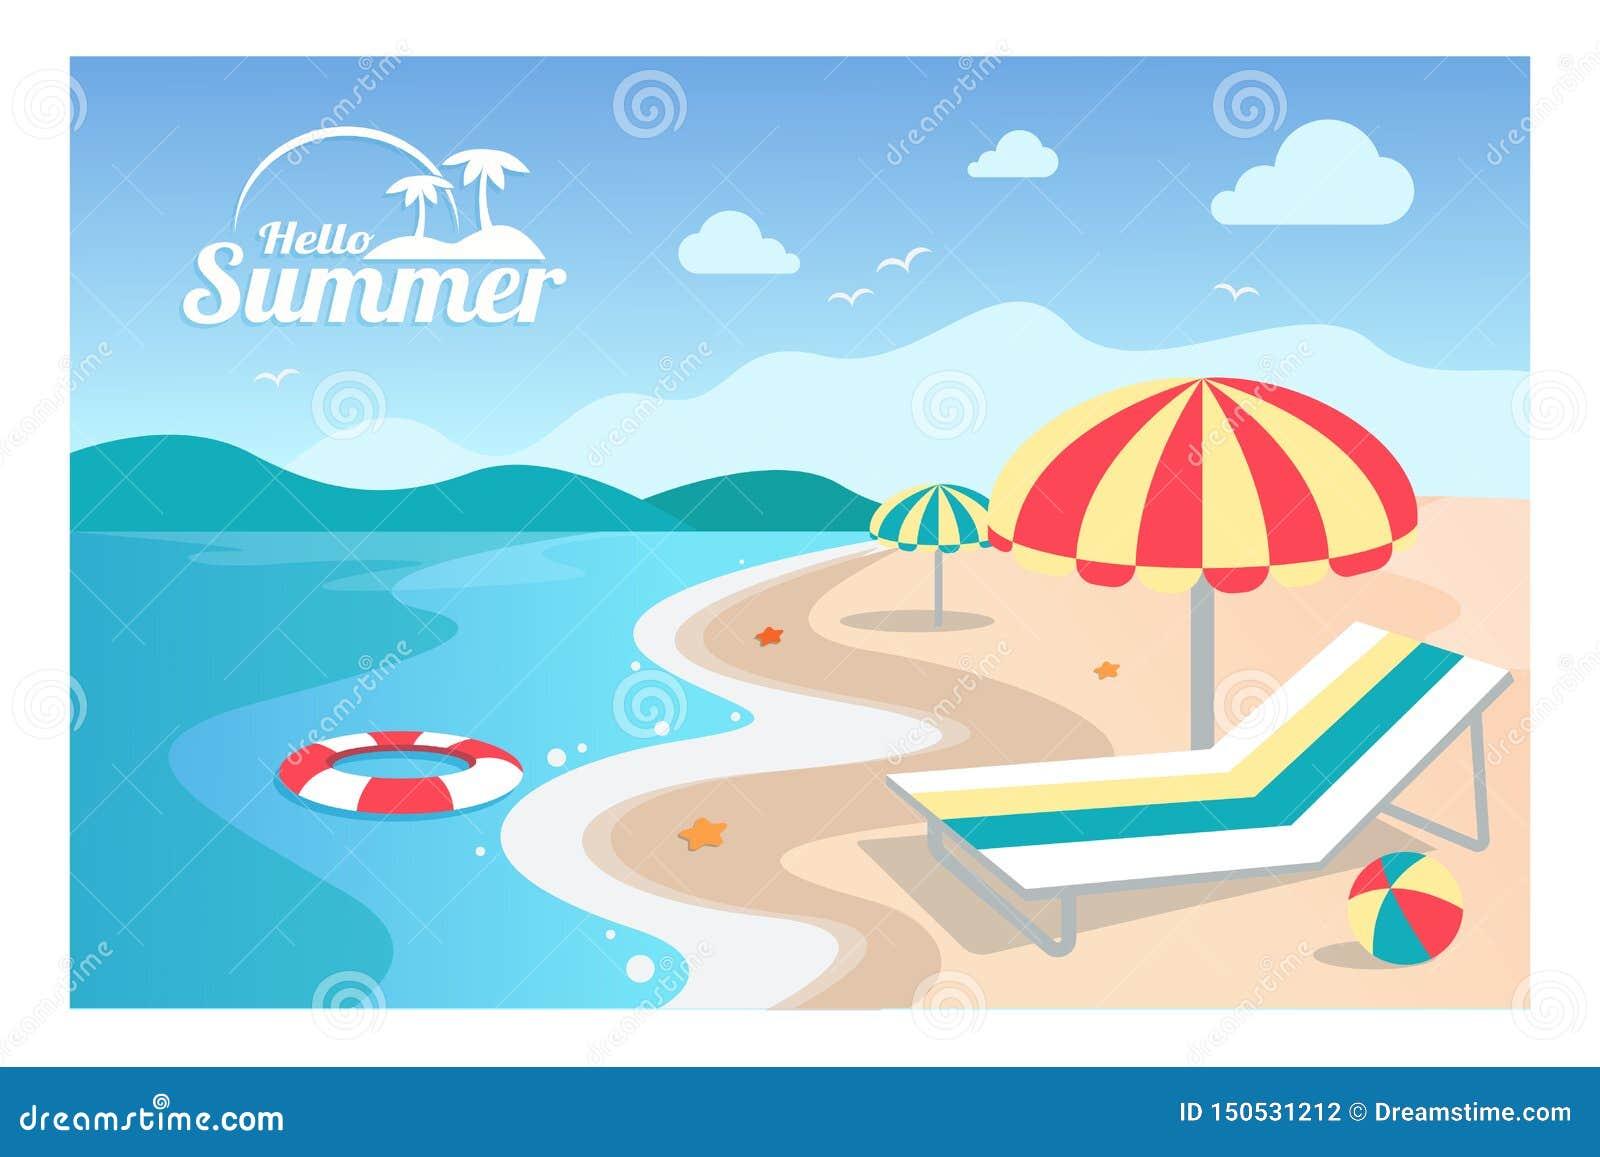 De zomer vectorillustratie als achtergrond